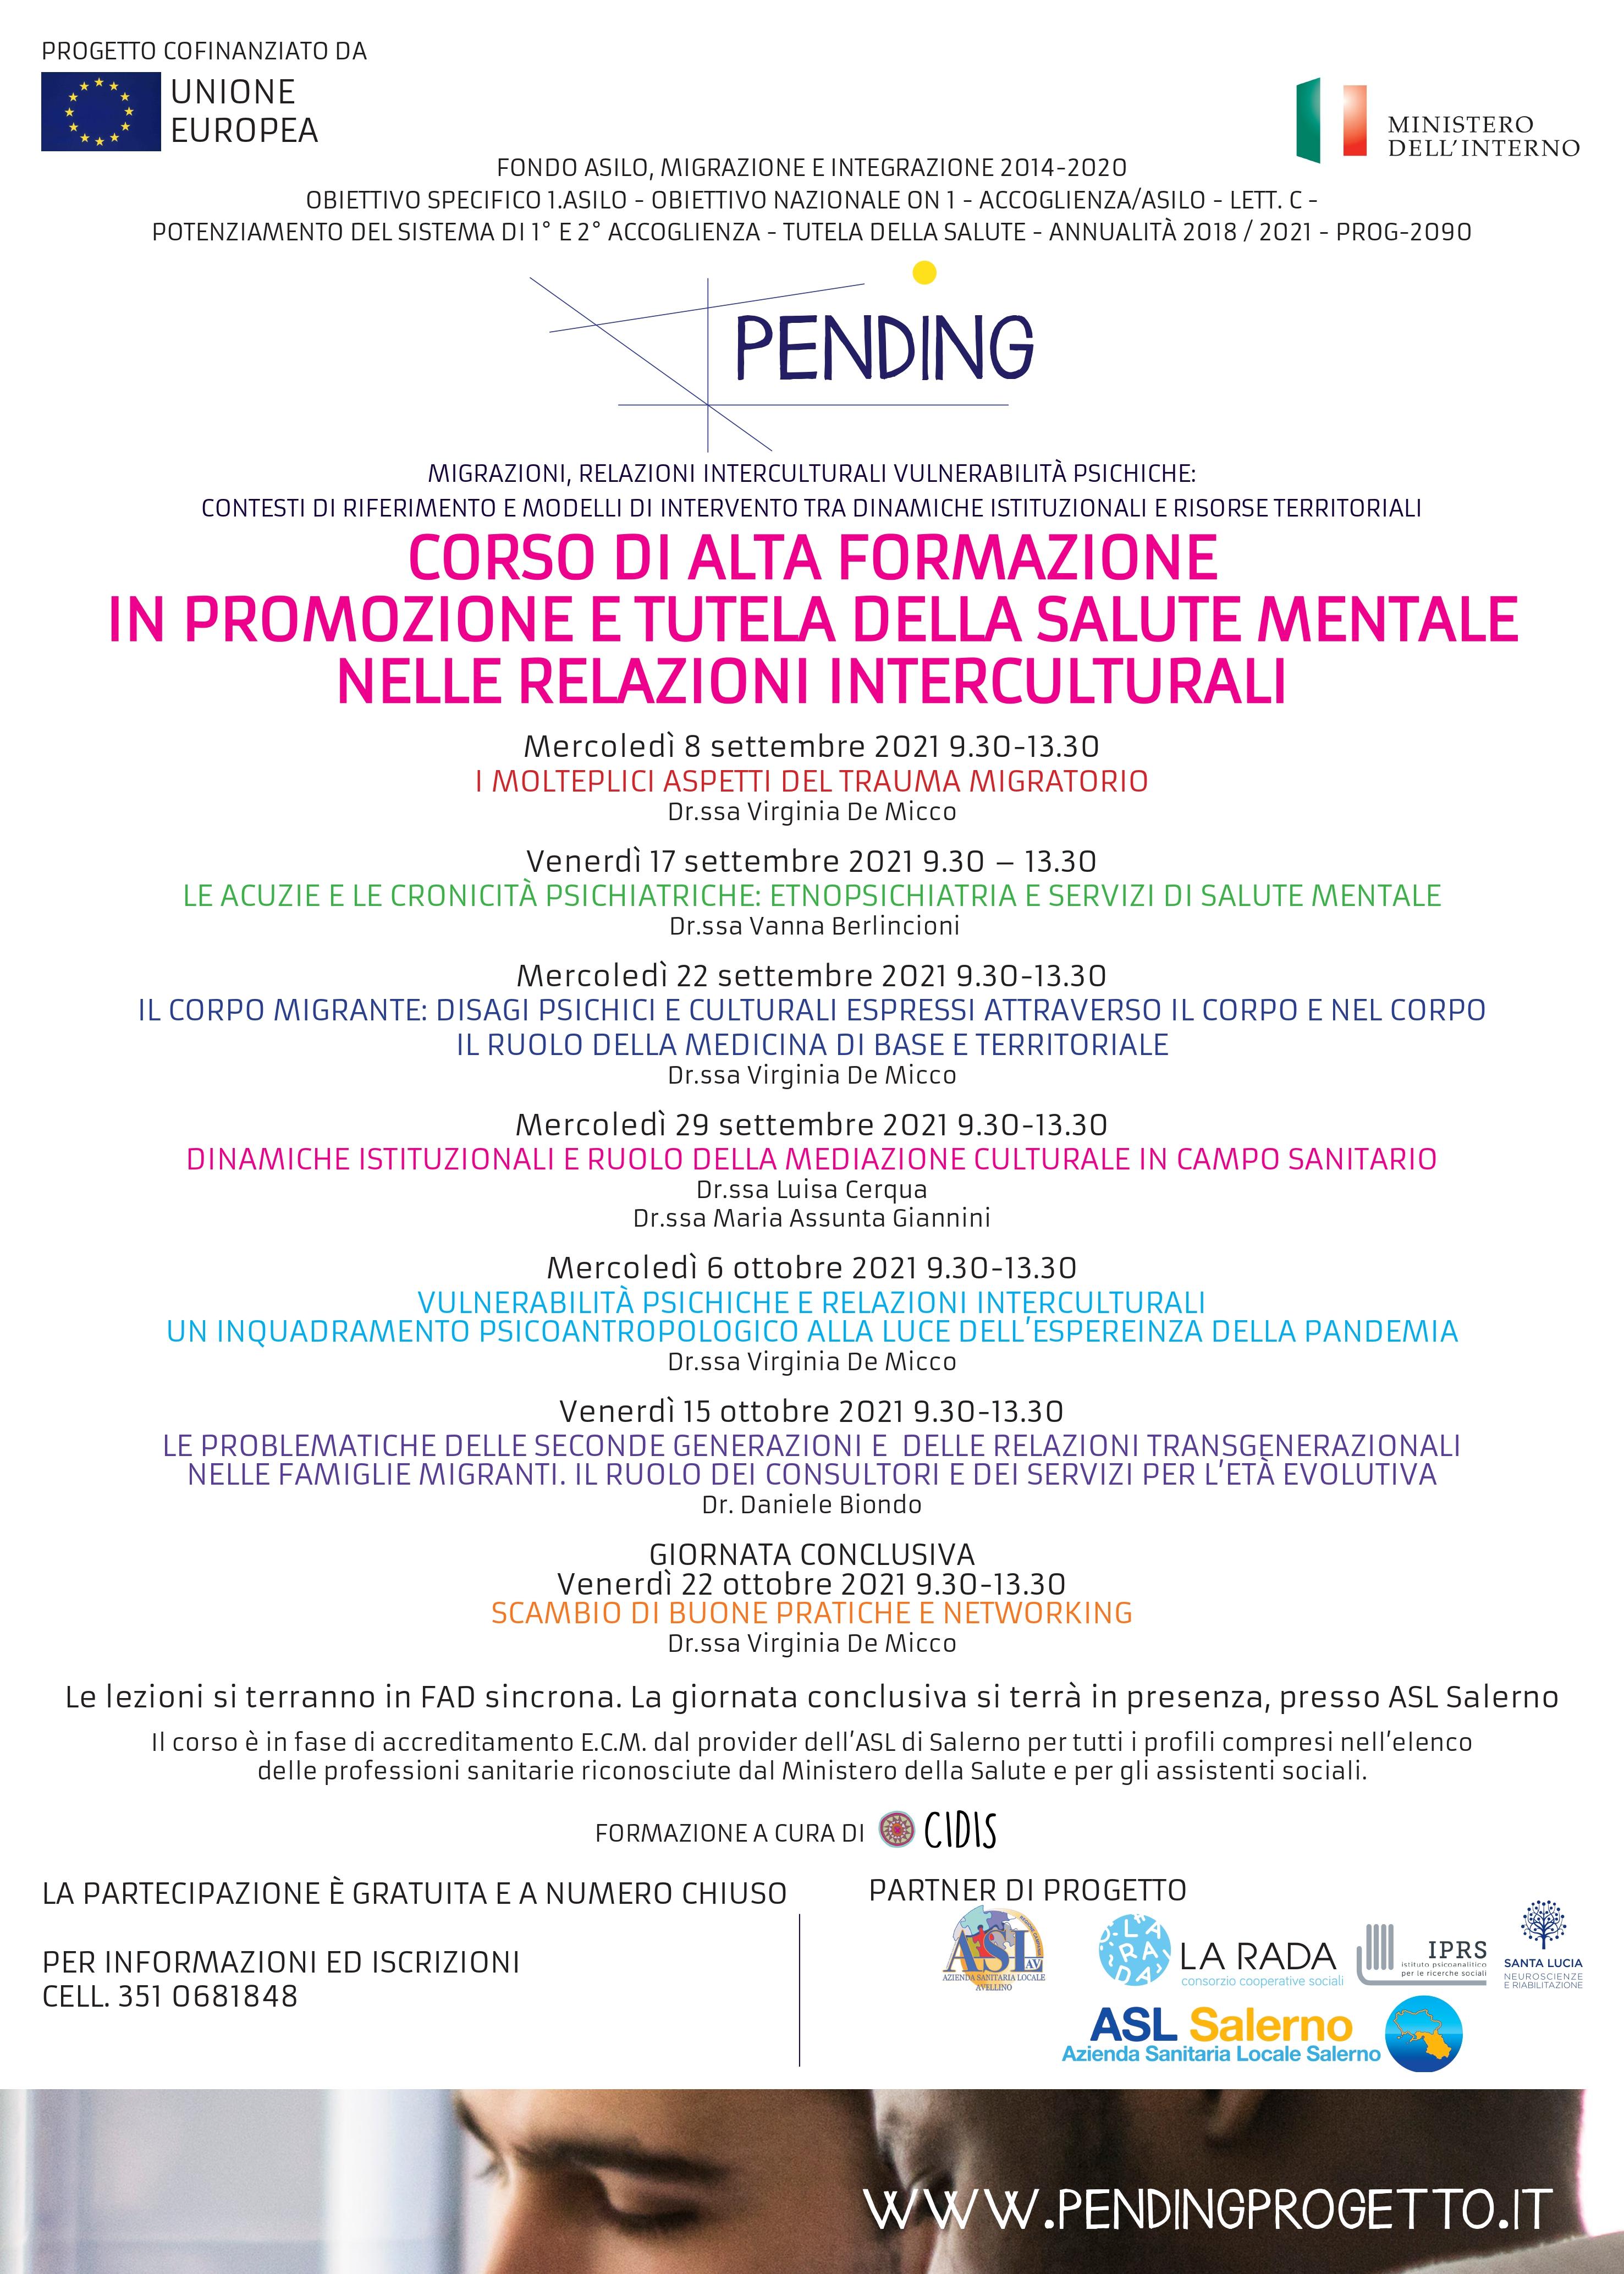 Asl Salerno: al via  corso di alta formazione in promozione e tutela della salute mentale nelle relazioni interculturali